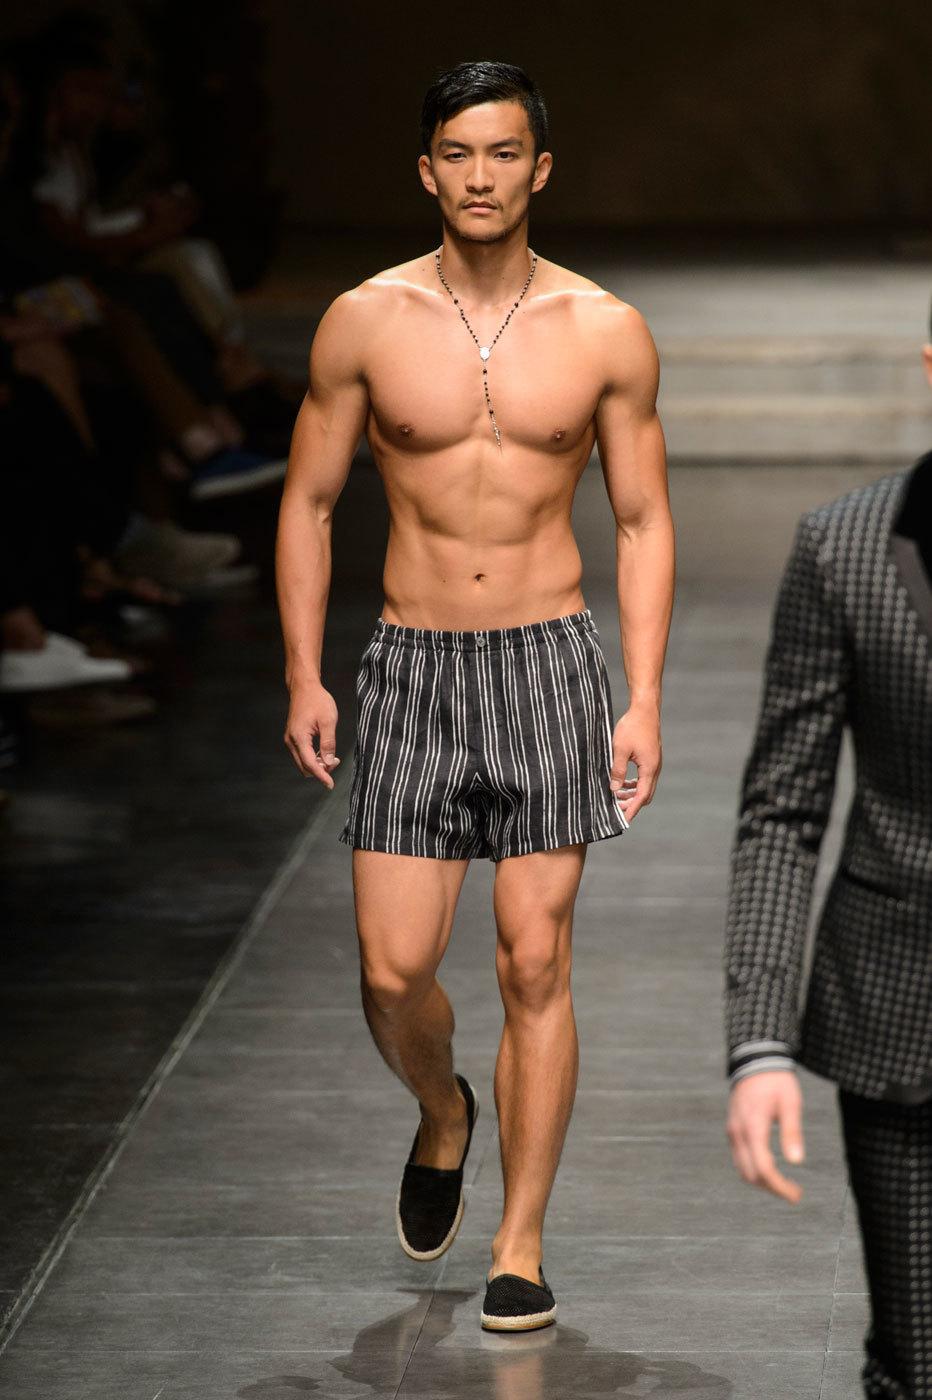 Costumi da bagno uomo boxer da mare slip a calzoncini da surf o swim trunks a ciascuno il suo - Costumi da bagno trasparenti ...